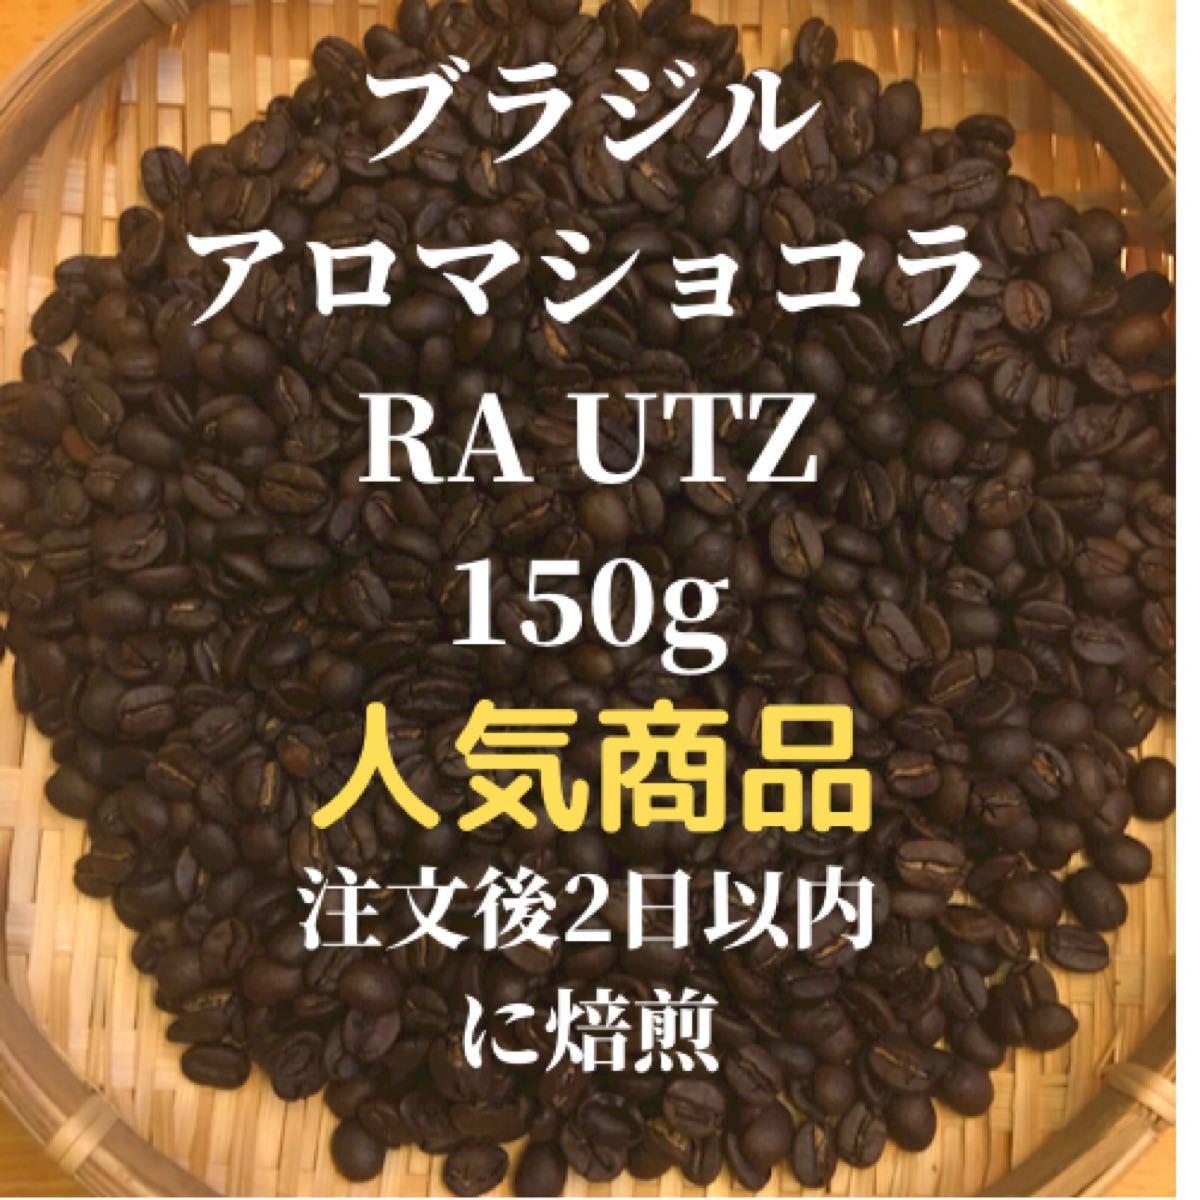 自家焙煎 ブラジル アロマショコラRA UTZ 150g(豆又は粉)匿名配送 五